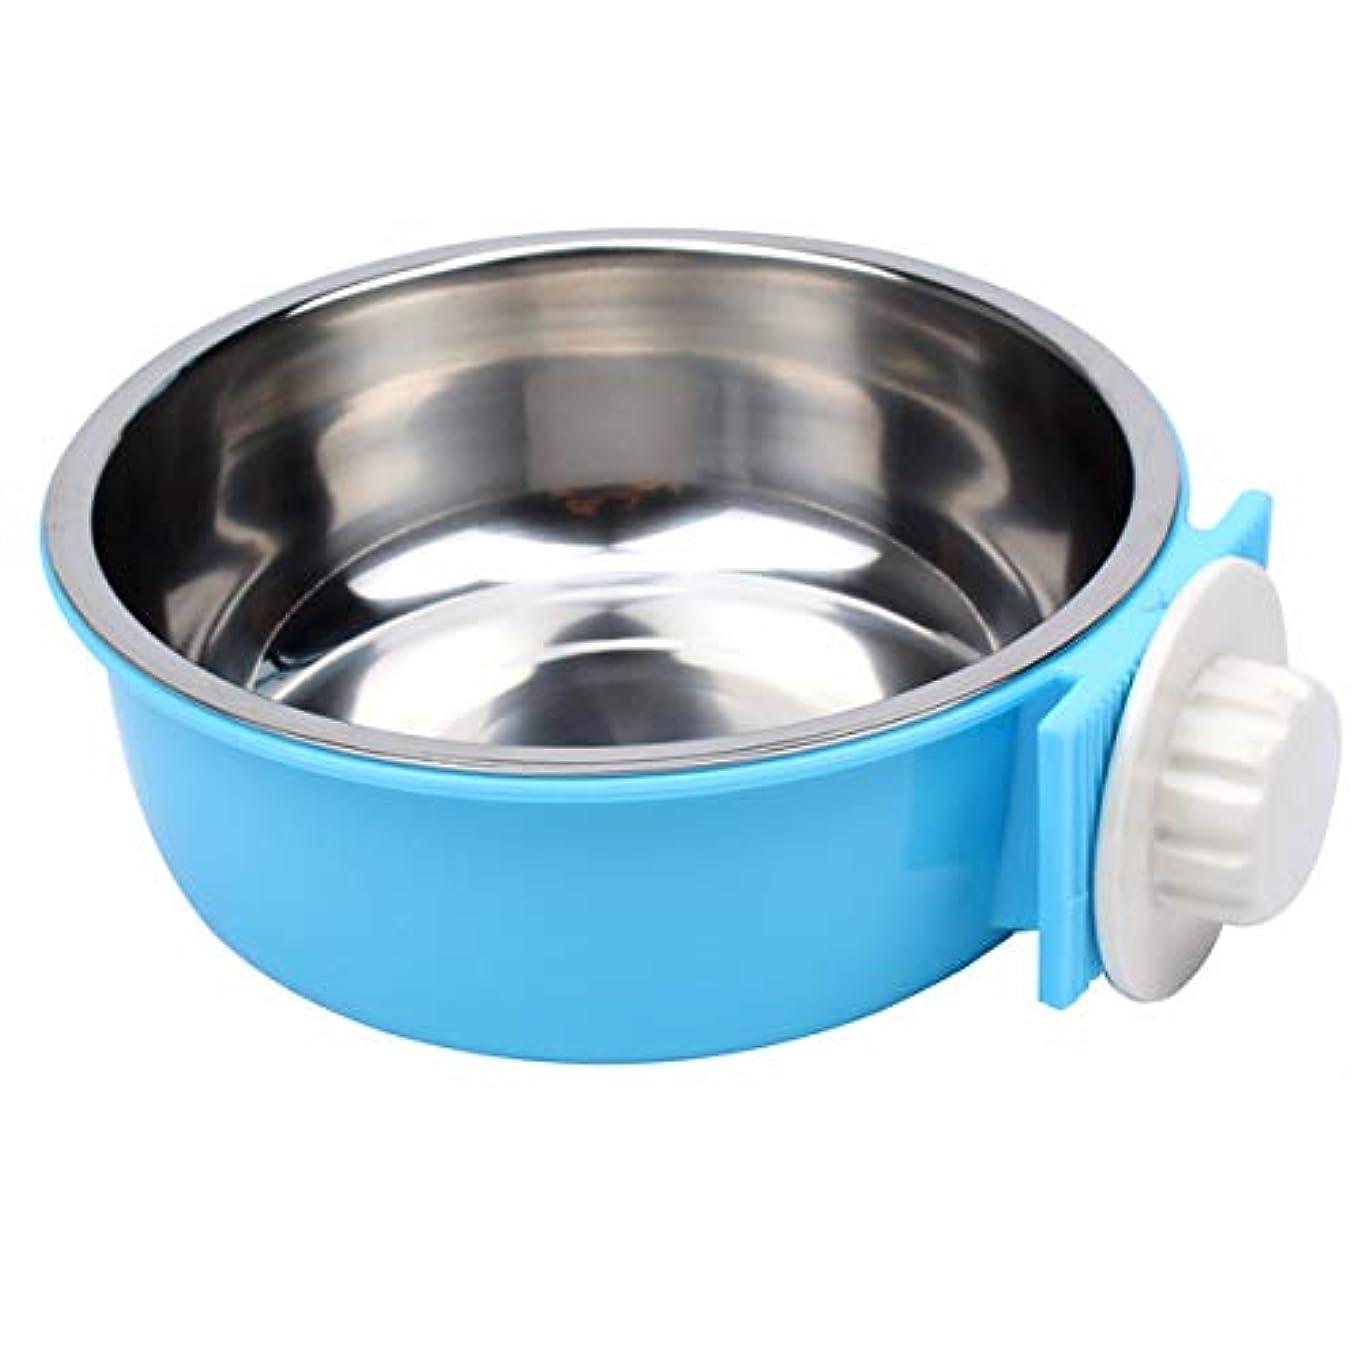 ペット食器 高度調節可能 ブルー 12.5x5.5cm